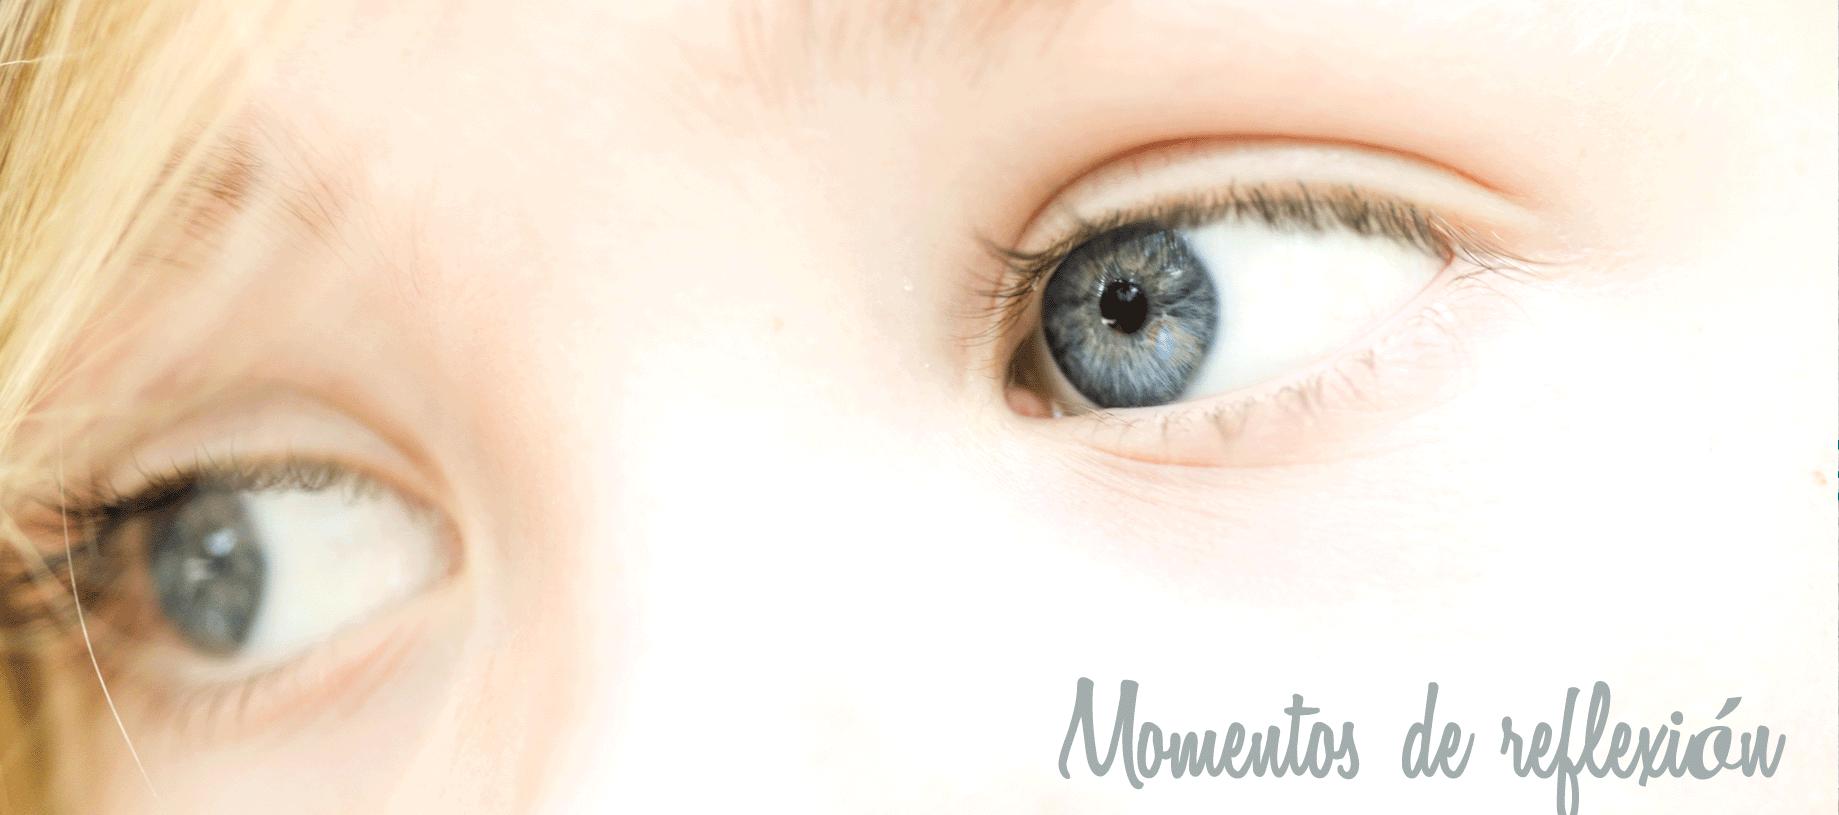 Moments_de_reflexio_Accretu